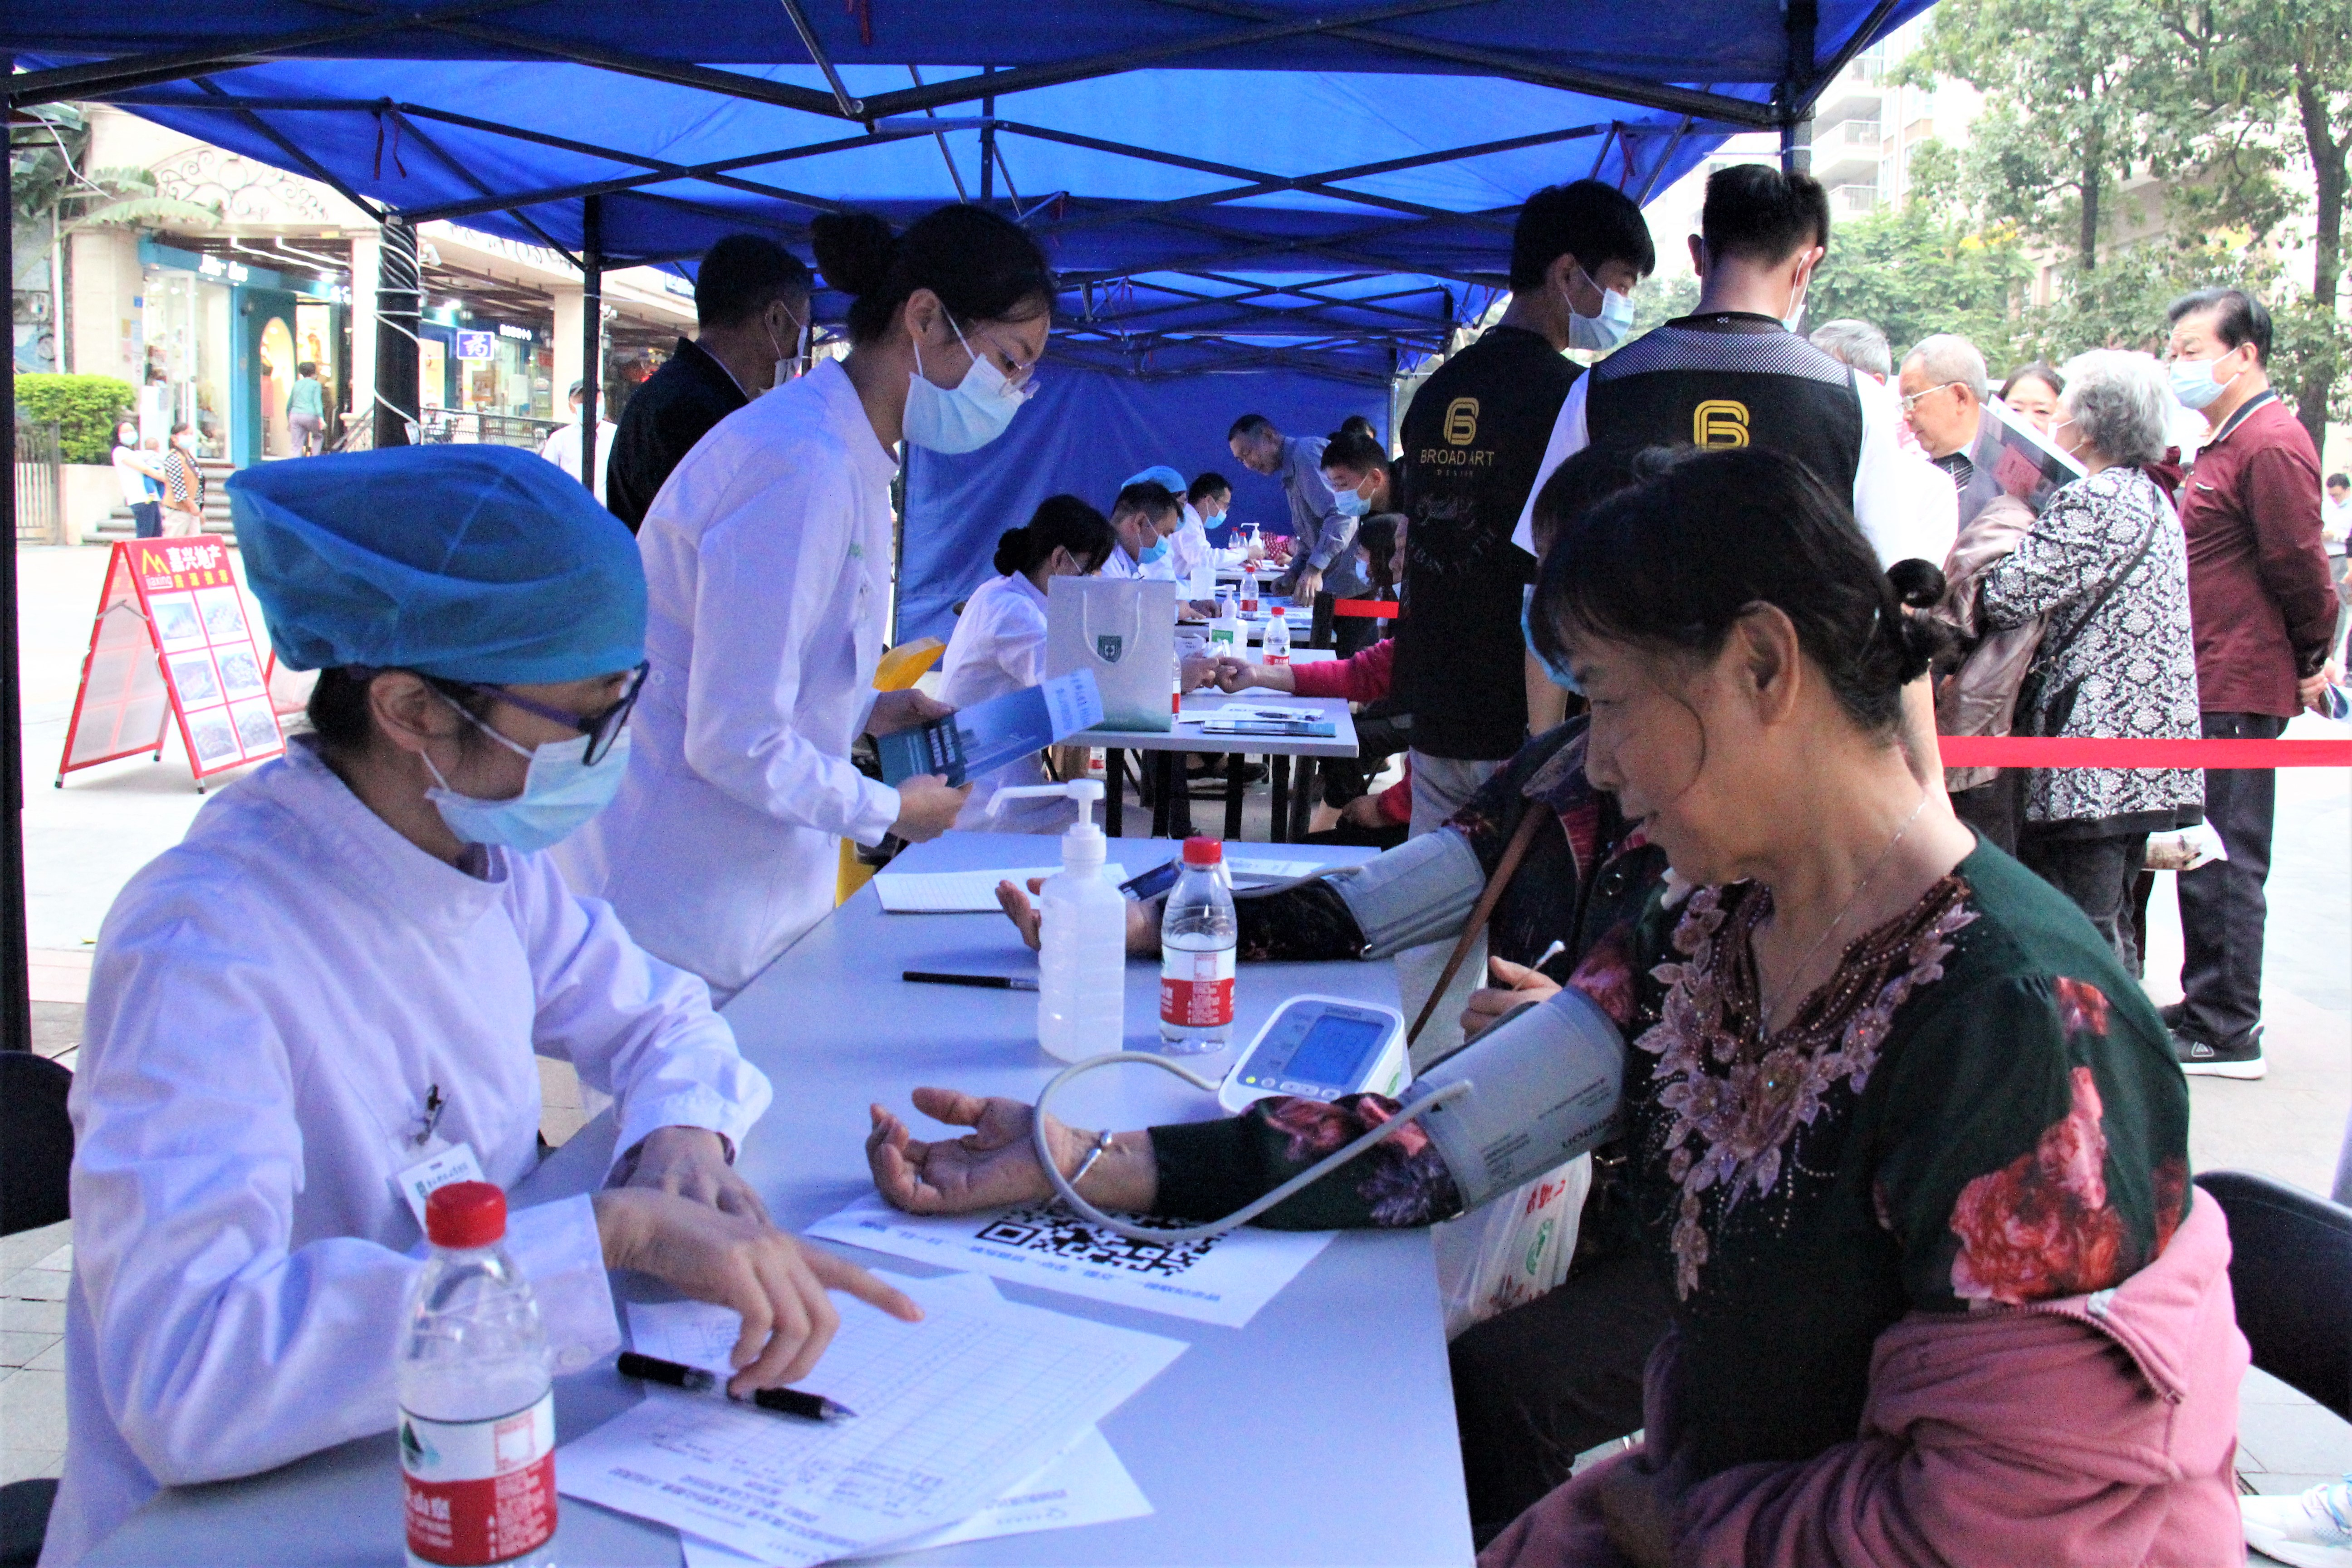 博士名医下社区:南方科技大学医院 10 场义诊惠及 4000 人次